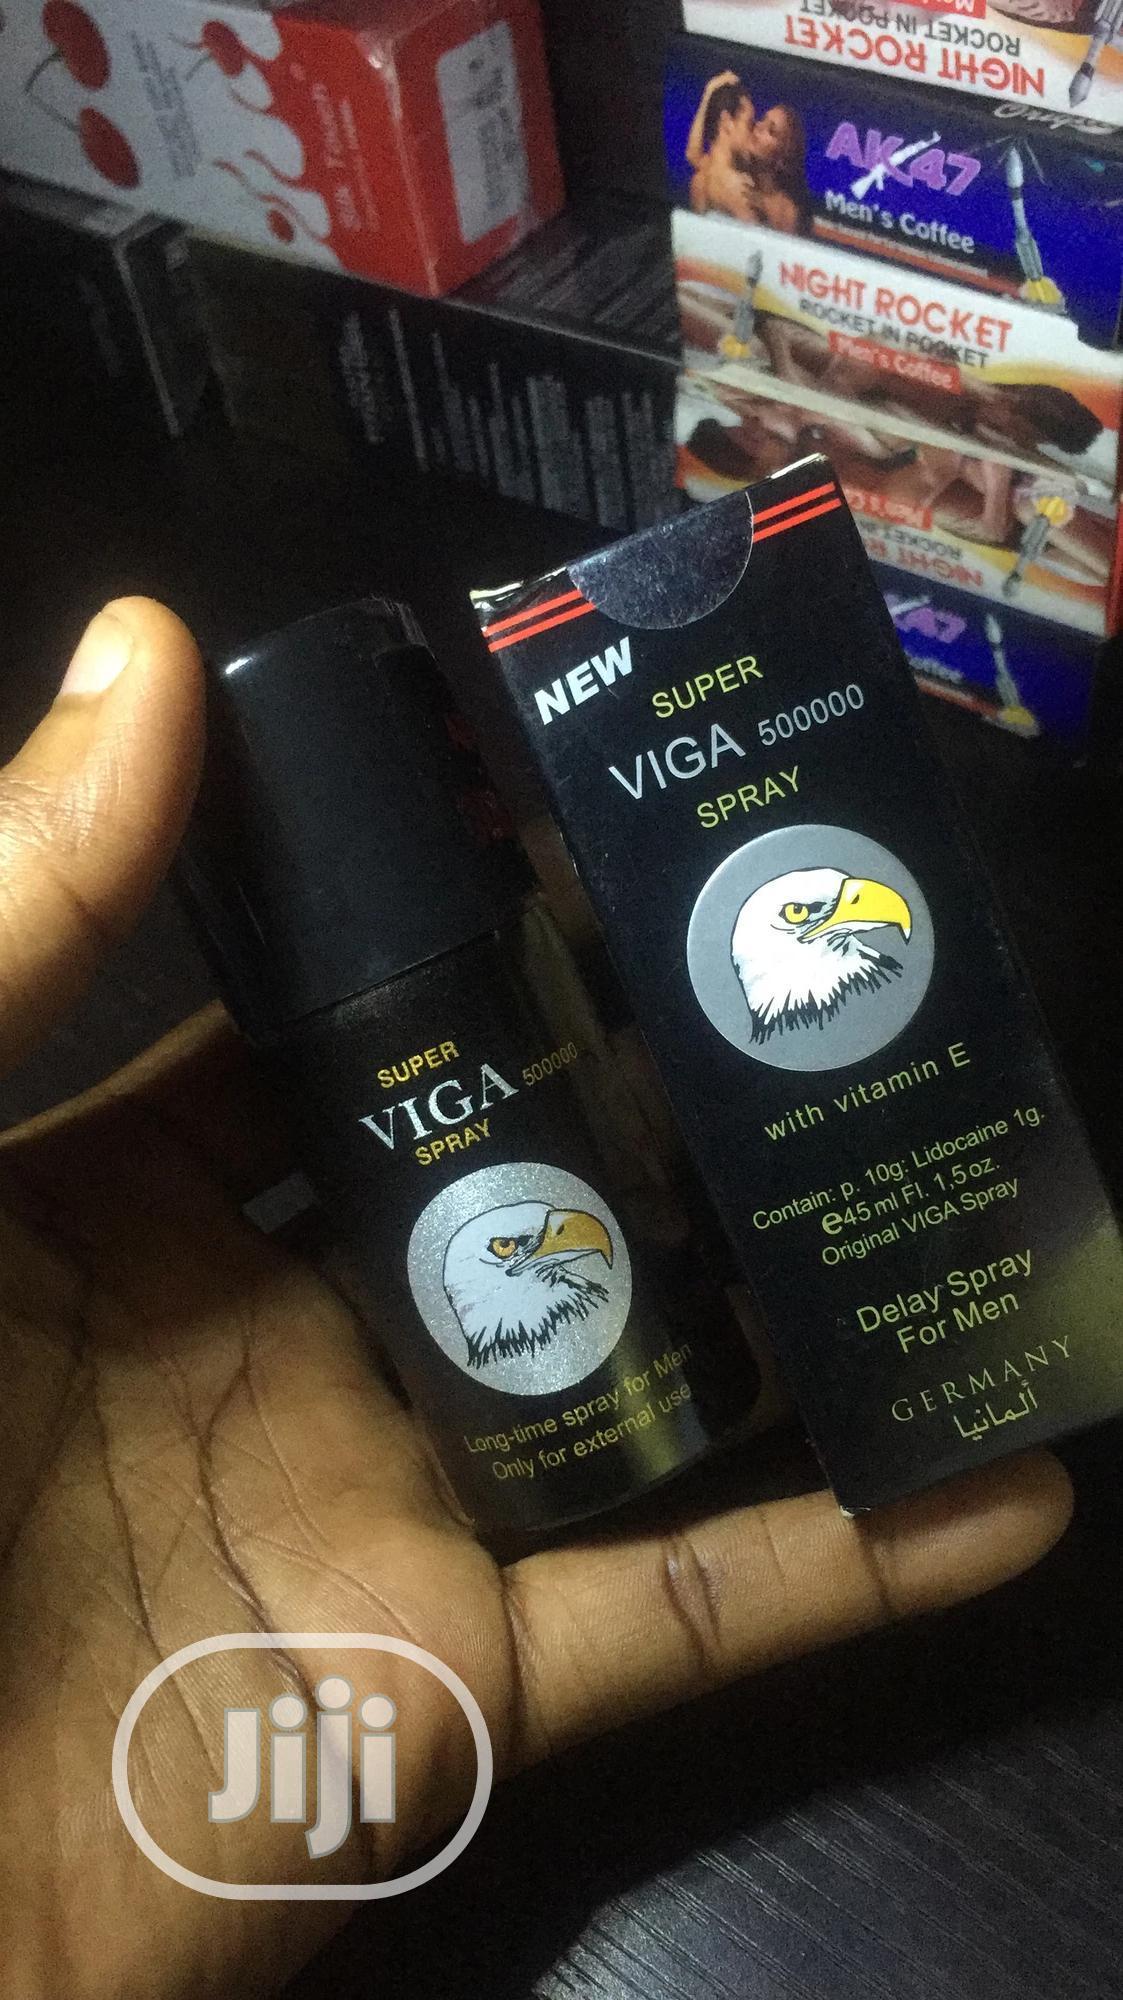 Viga Delay Spray 50000 (Spray For Premature Ejaculation)